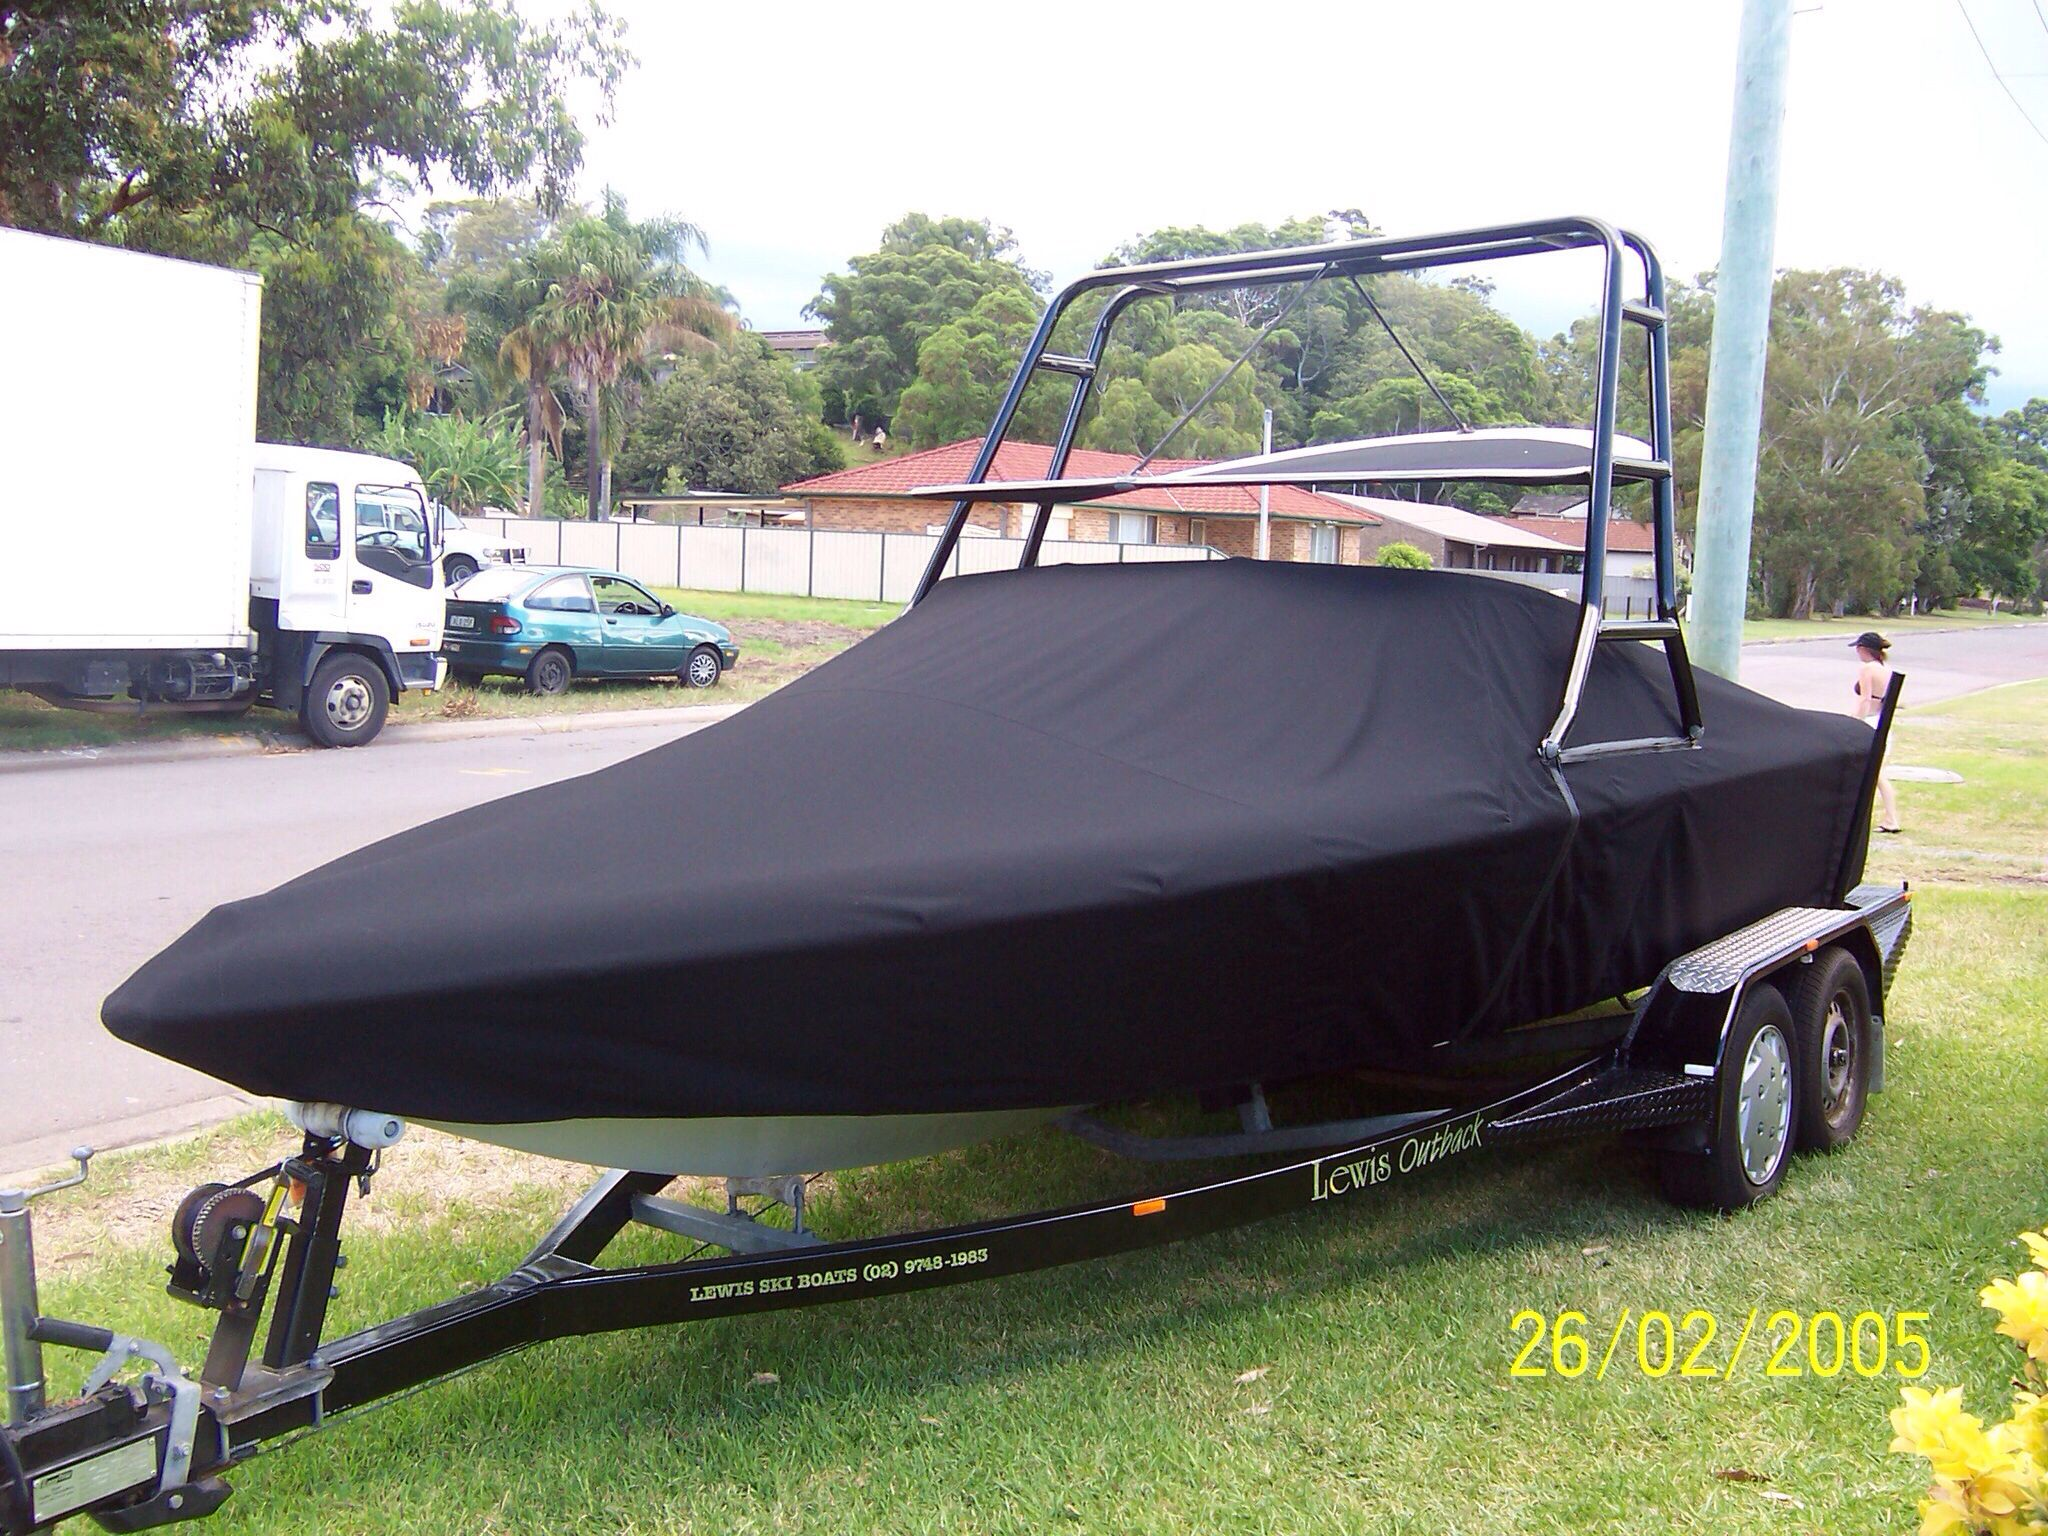 Ski Boat Cover Lodka Chehly